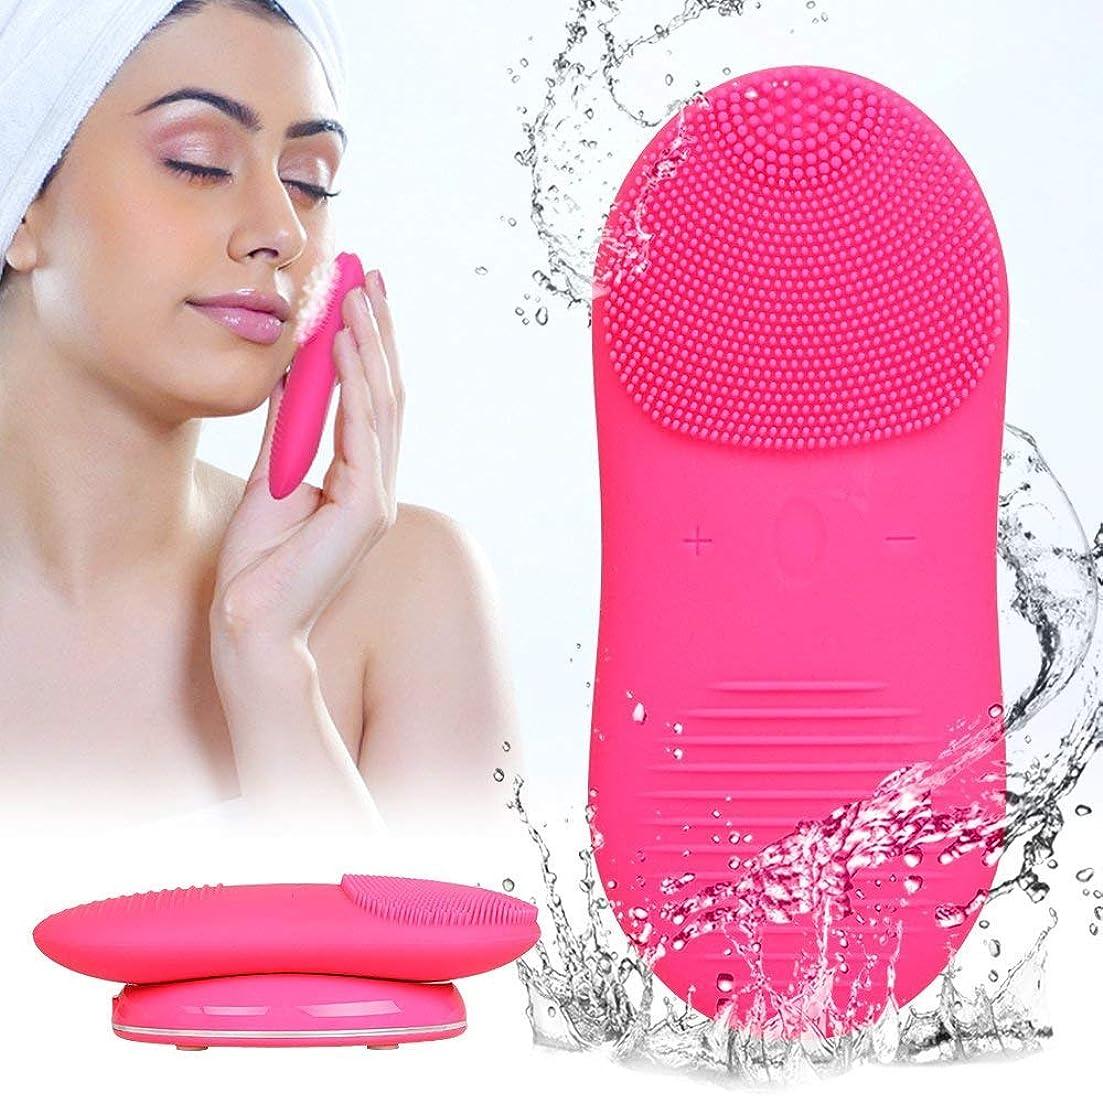 うがい唯物論感謝する電気クレンジングブラシシリコーンフェイスクレンザー洗顔ブラシ電動ソニック振動穏やかな角質のアンチエイジングマッサージスキンケアバラ色